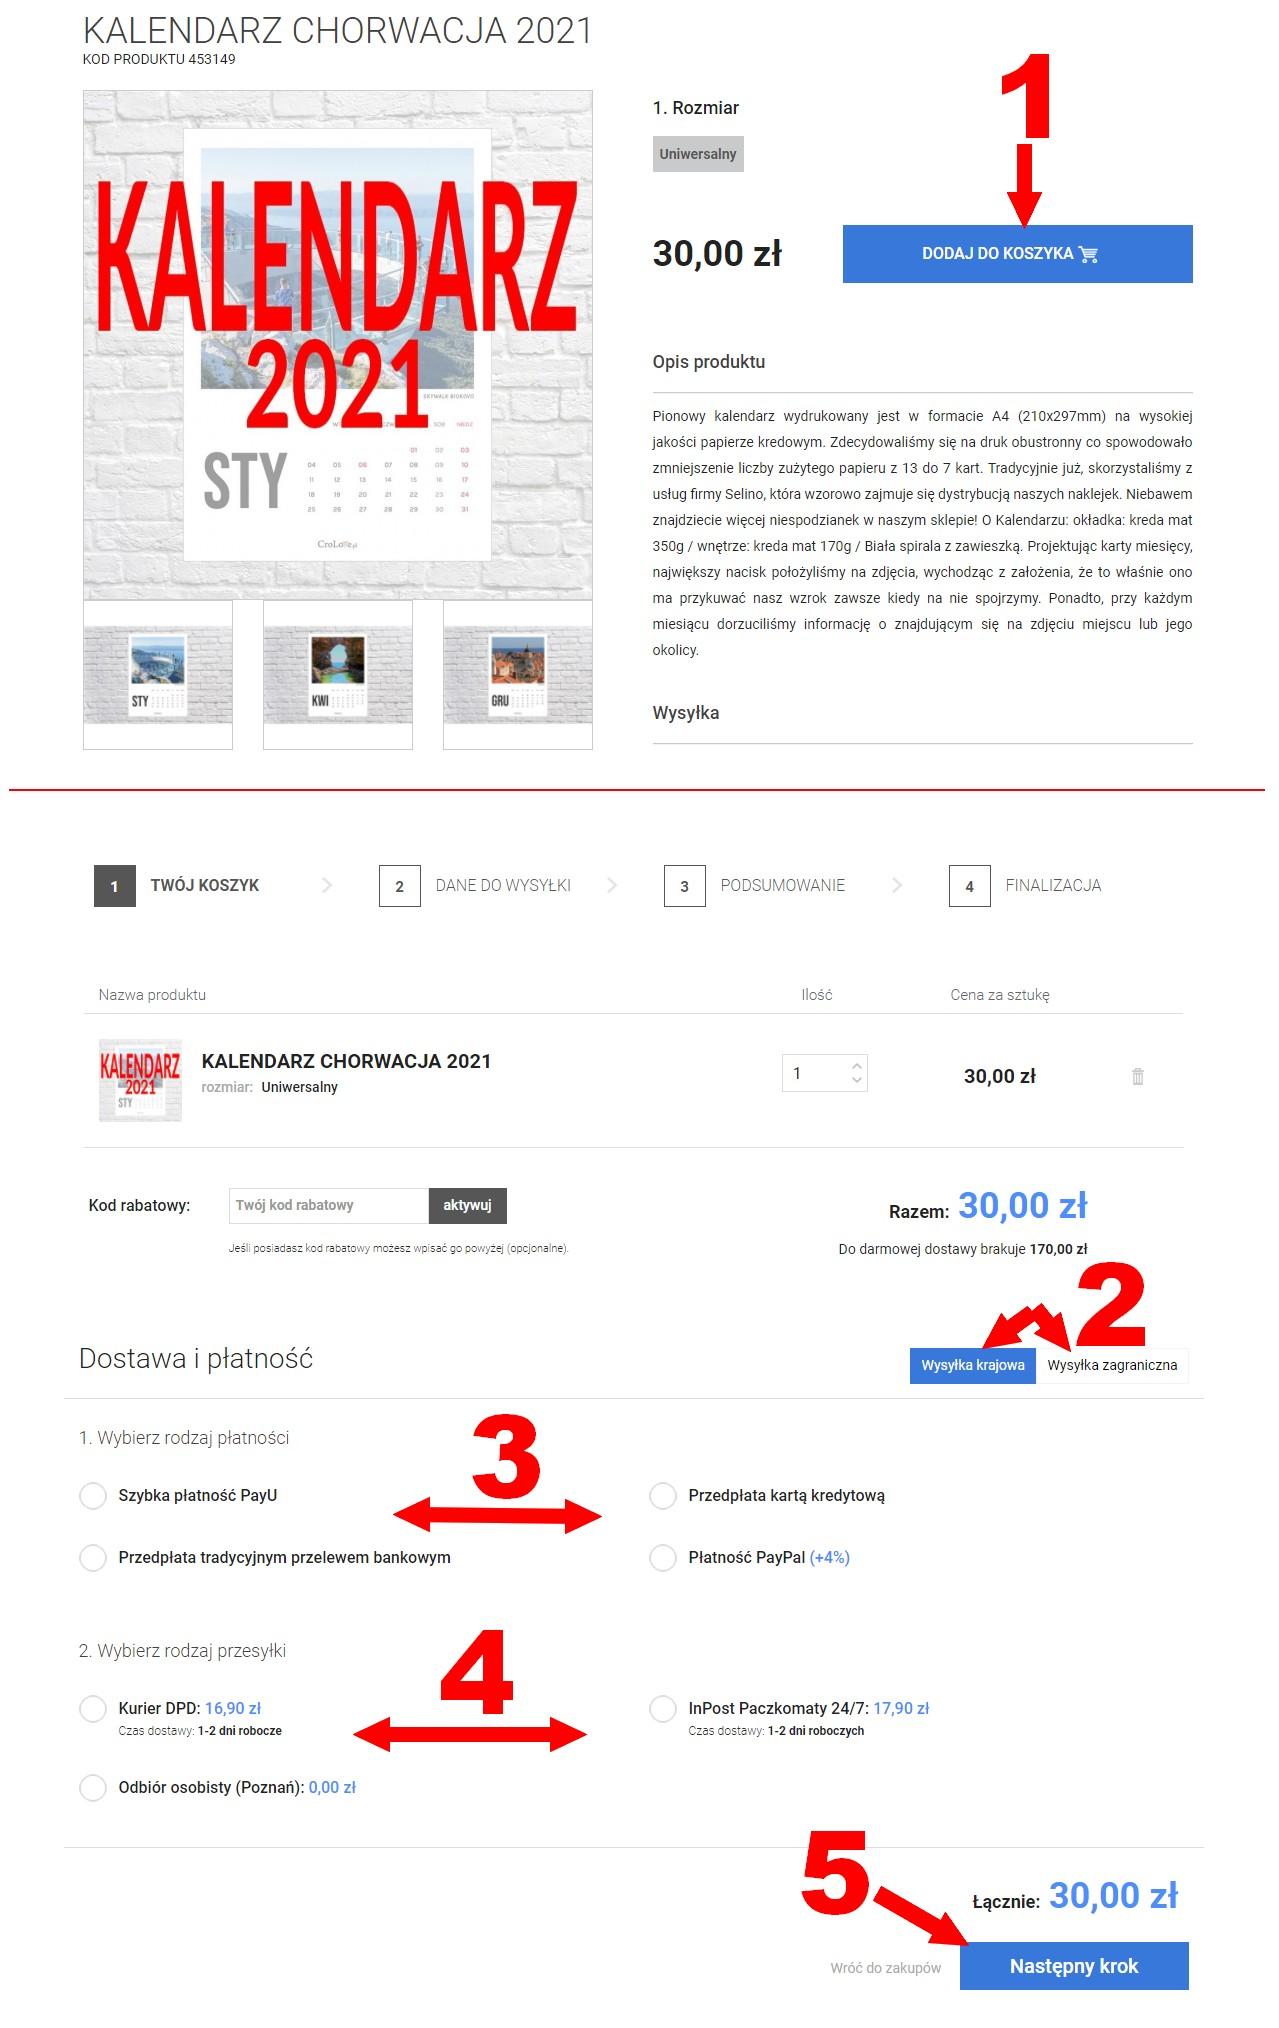 Jak zamówić kalendarz Chorwacja 2012